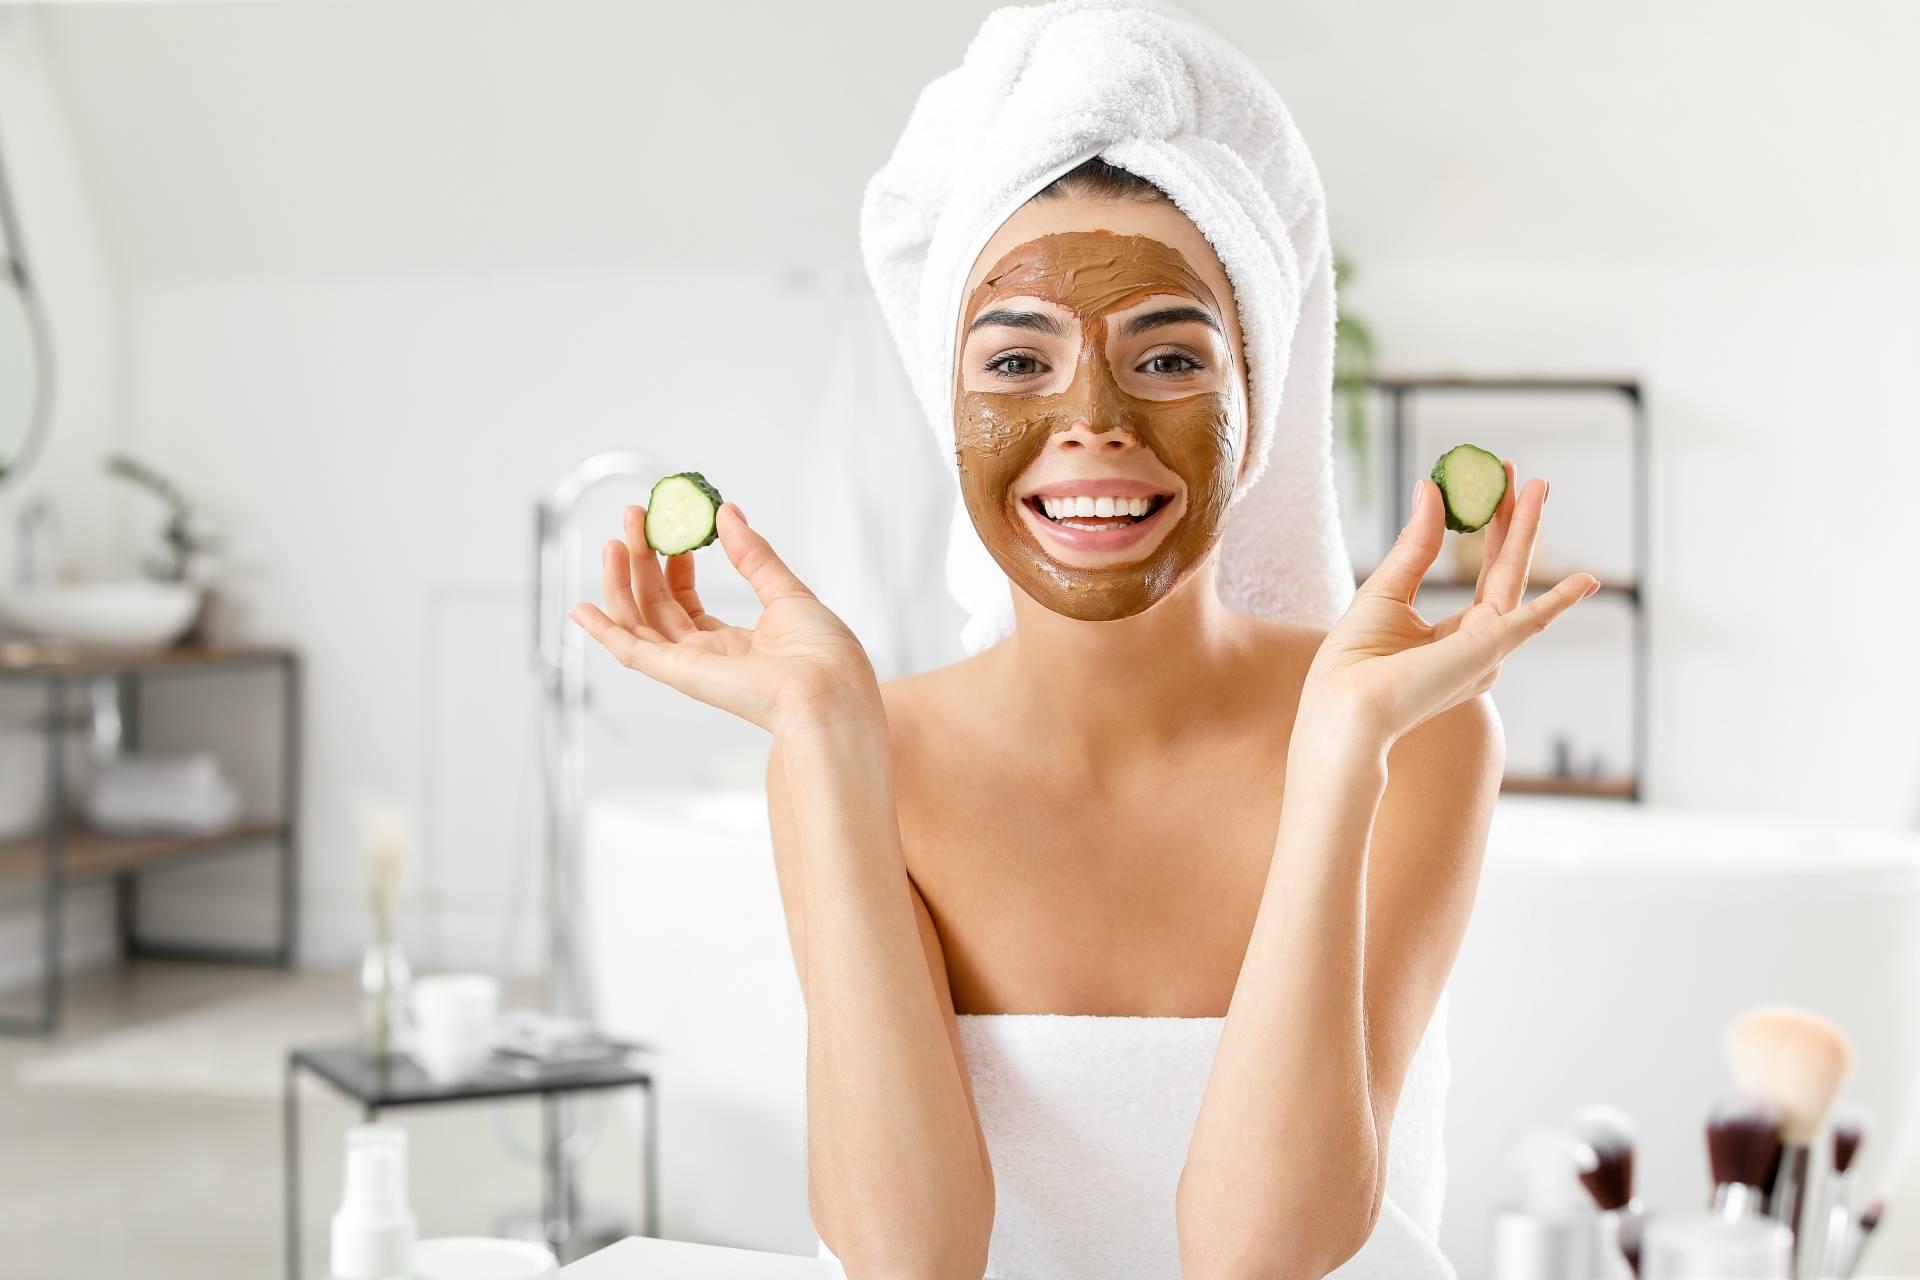 Domowe maseczki na twarz - z czego zrobić?